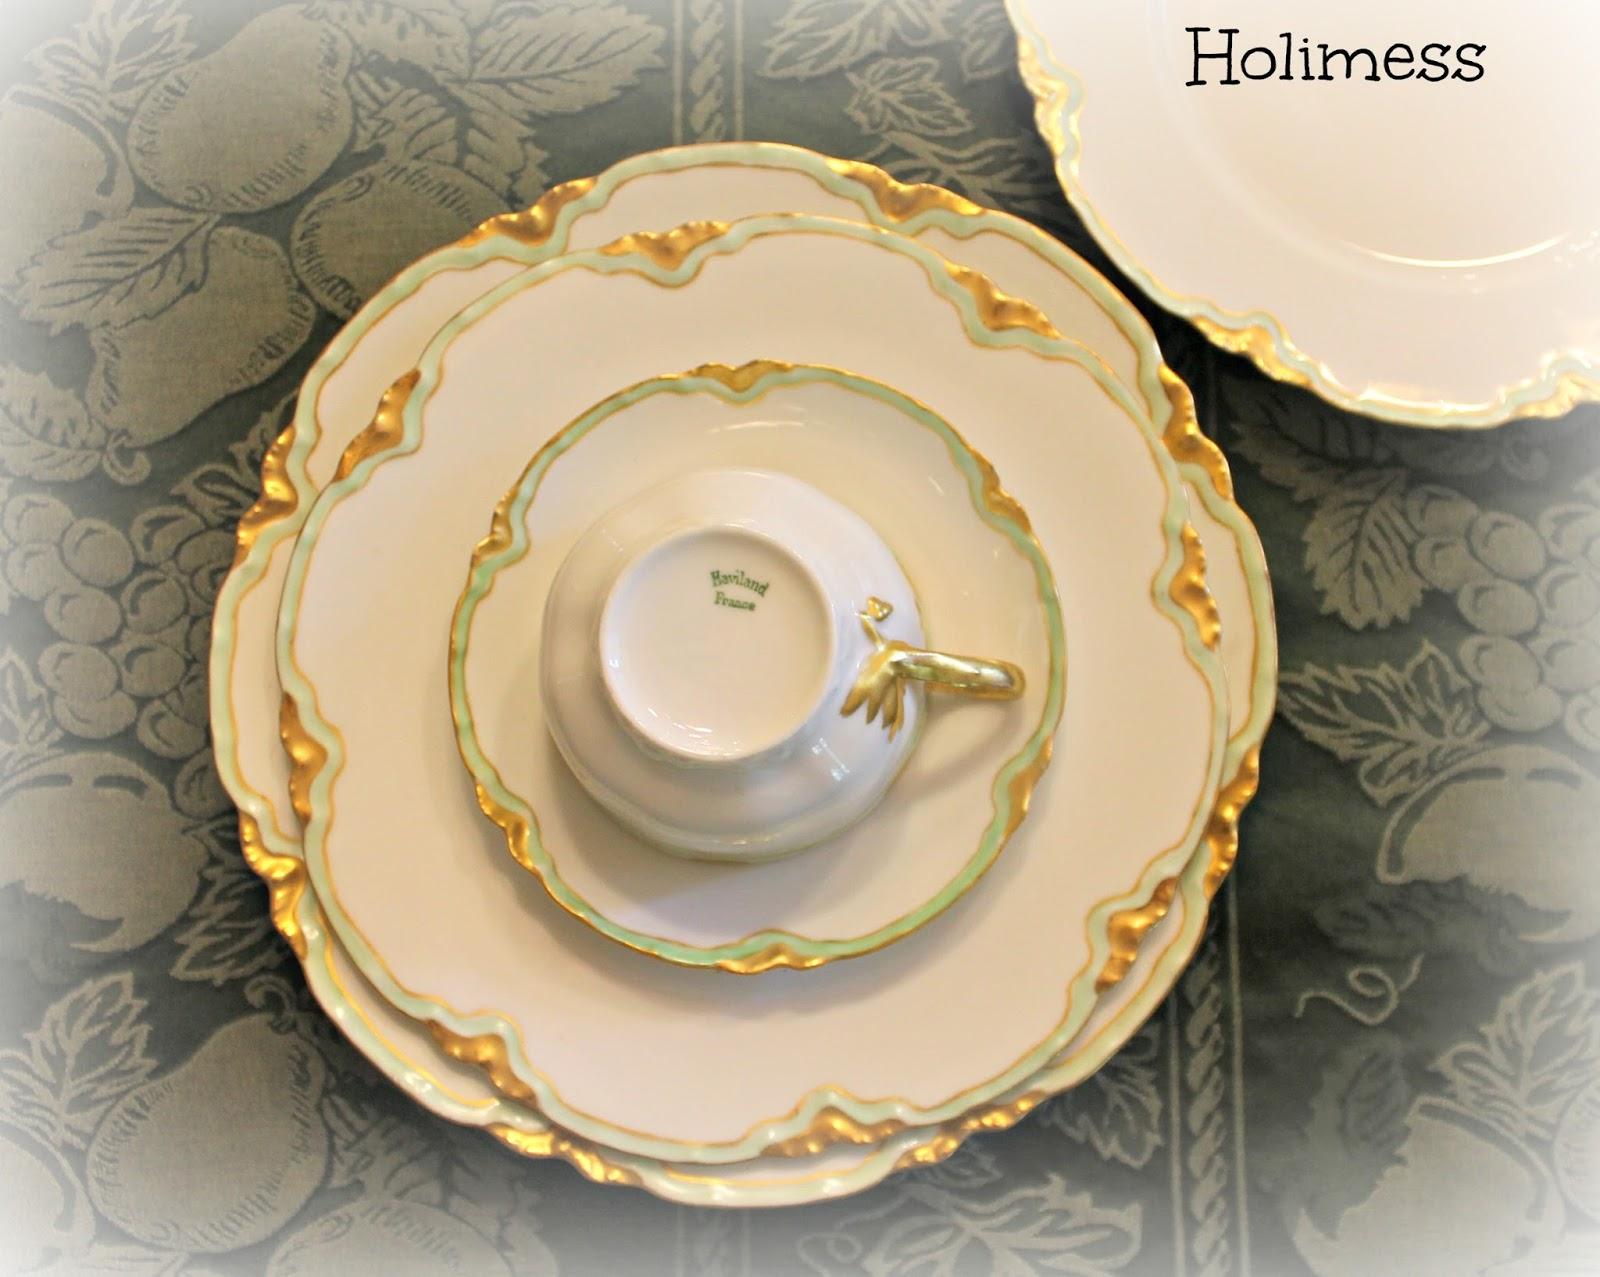 Haviland Limoges China & HoliMess: Haviland Limoges China